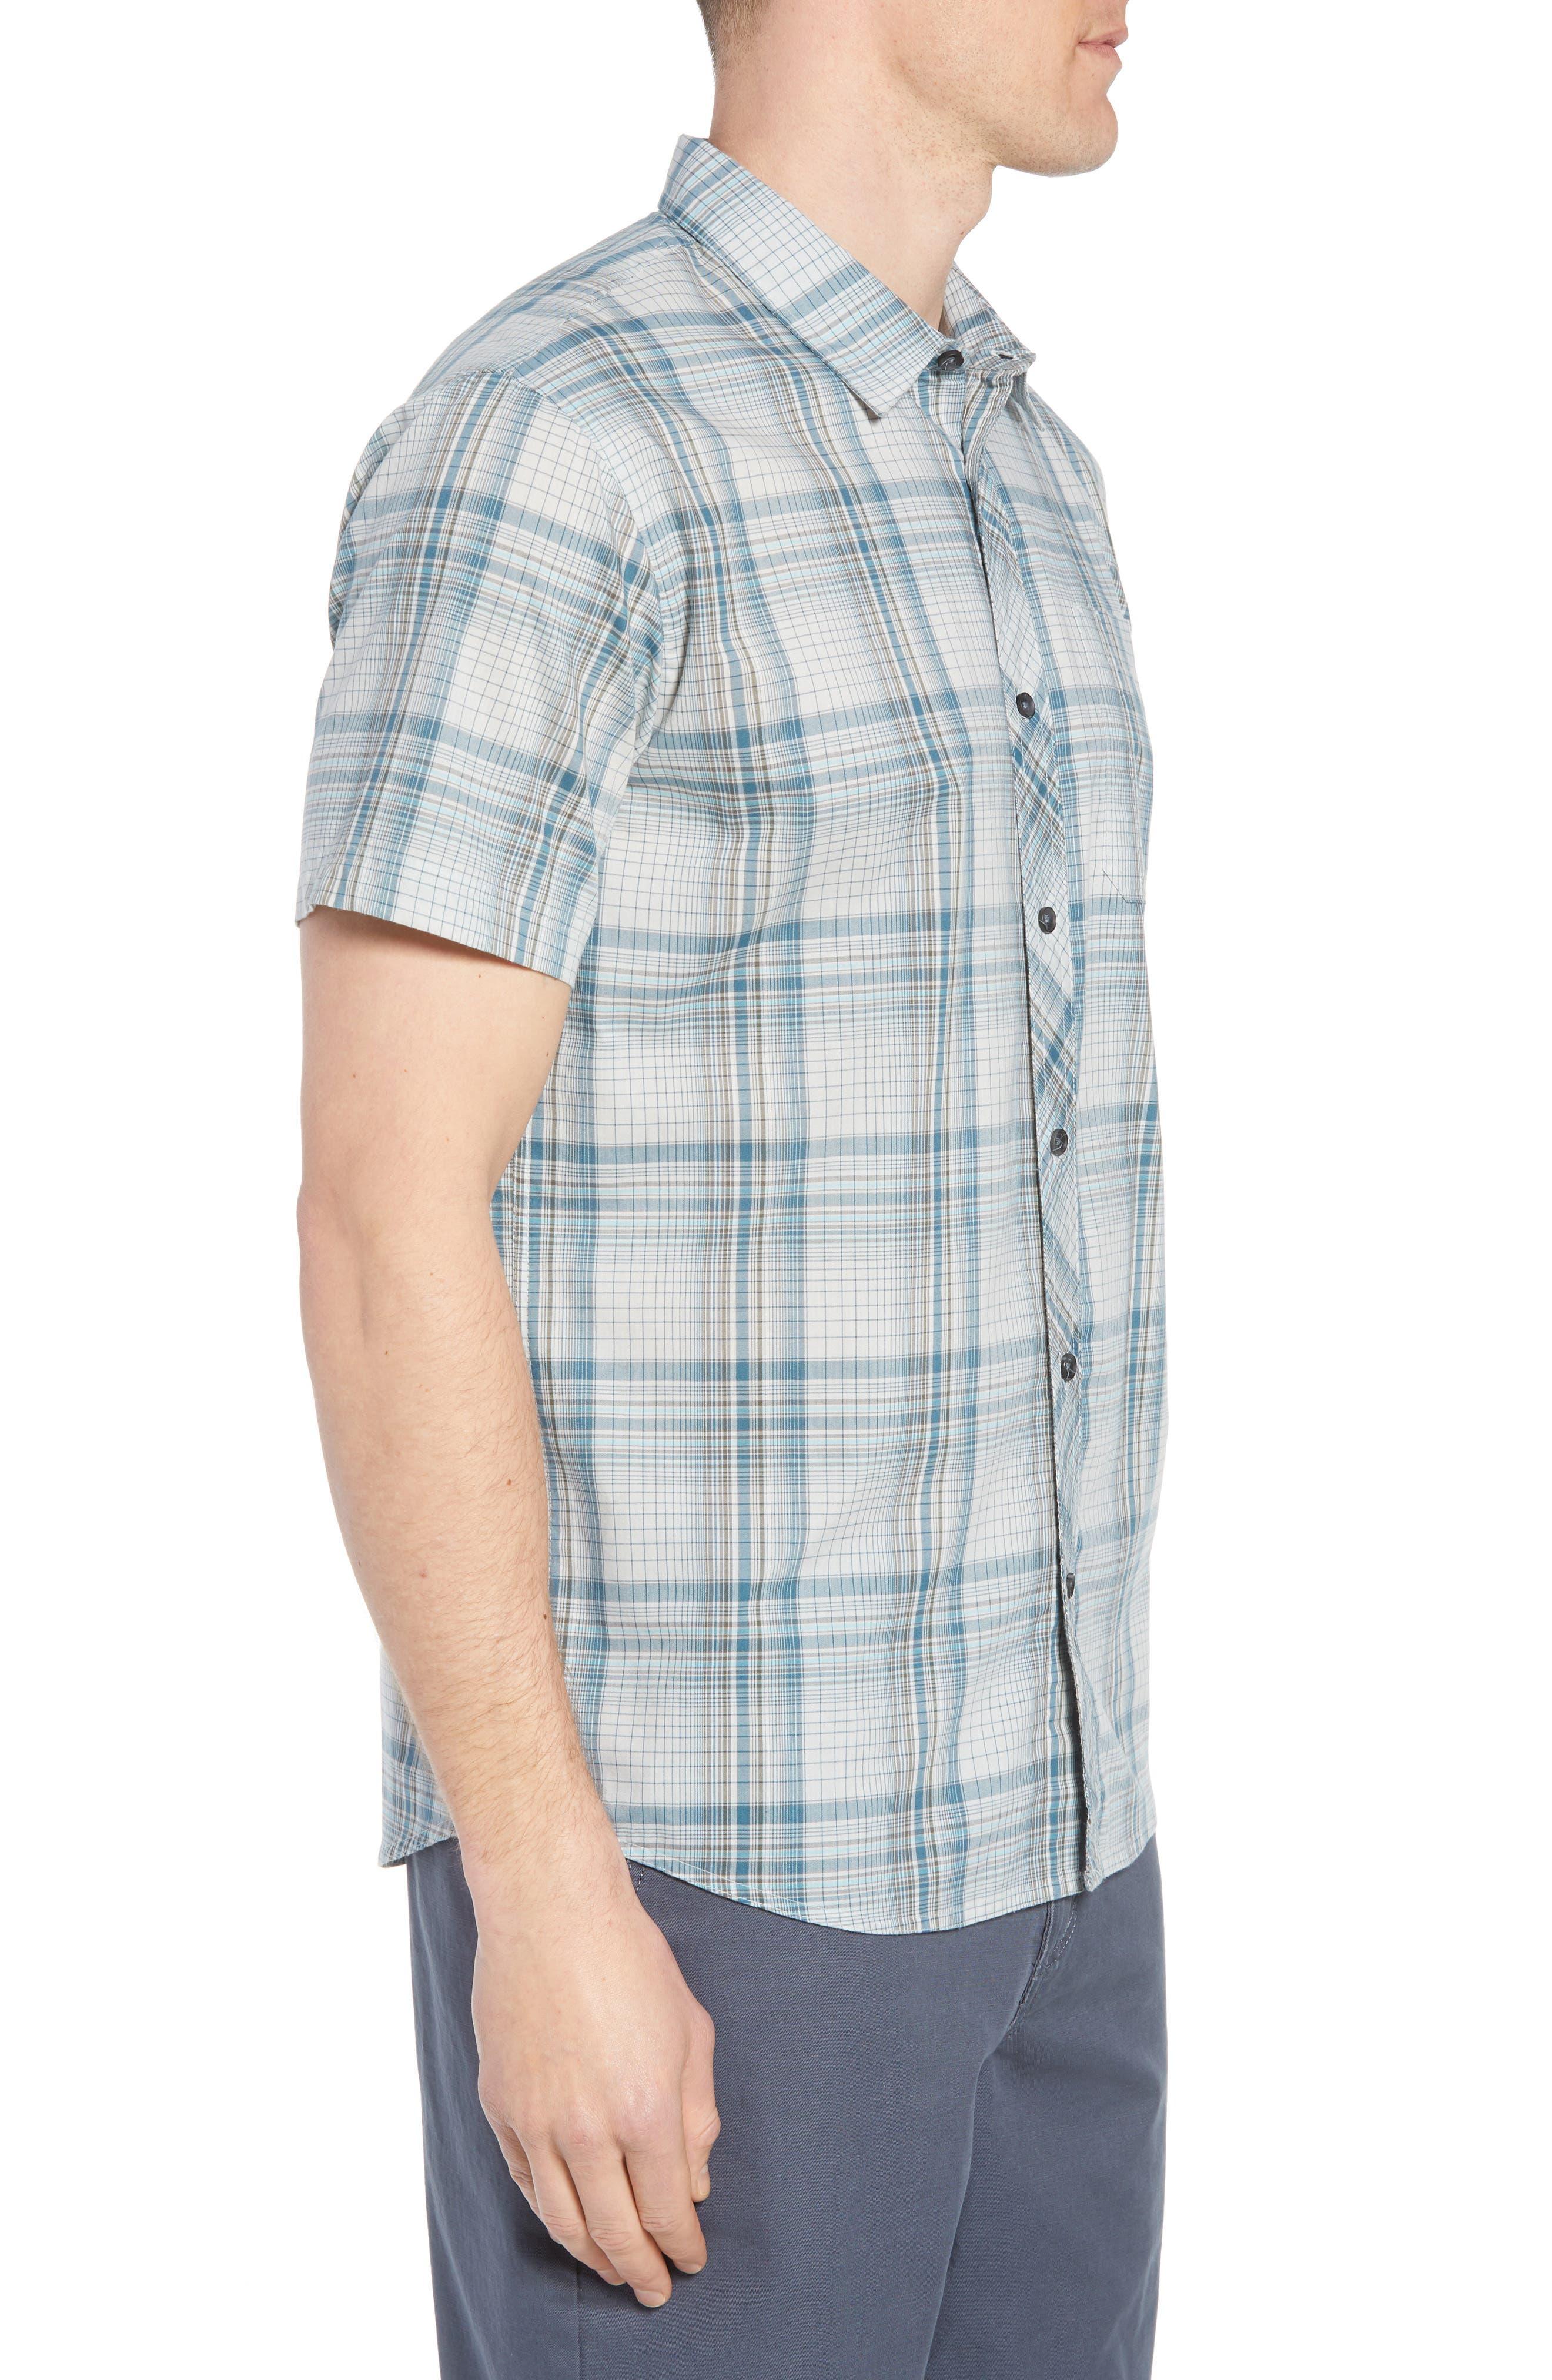 Sturghill Woven Shirt,                             Alternate thumbnail 3, color,                             036